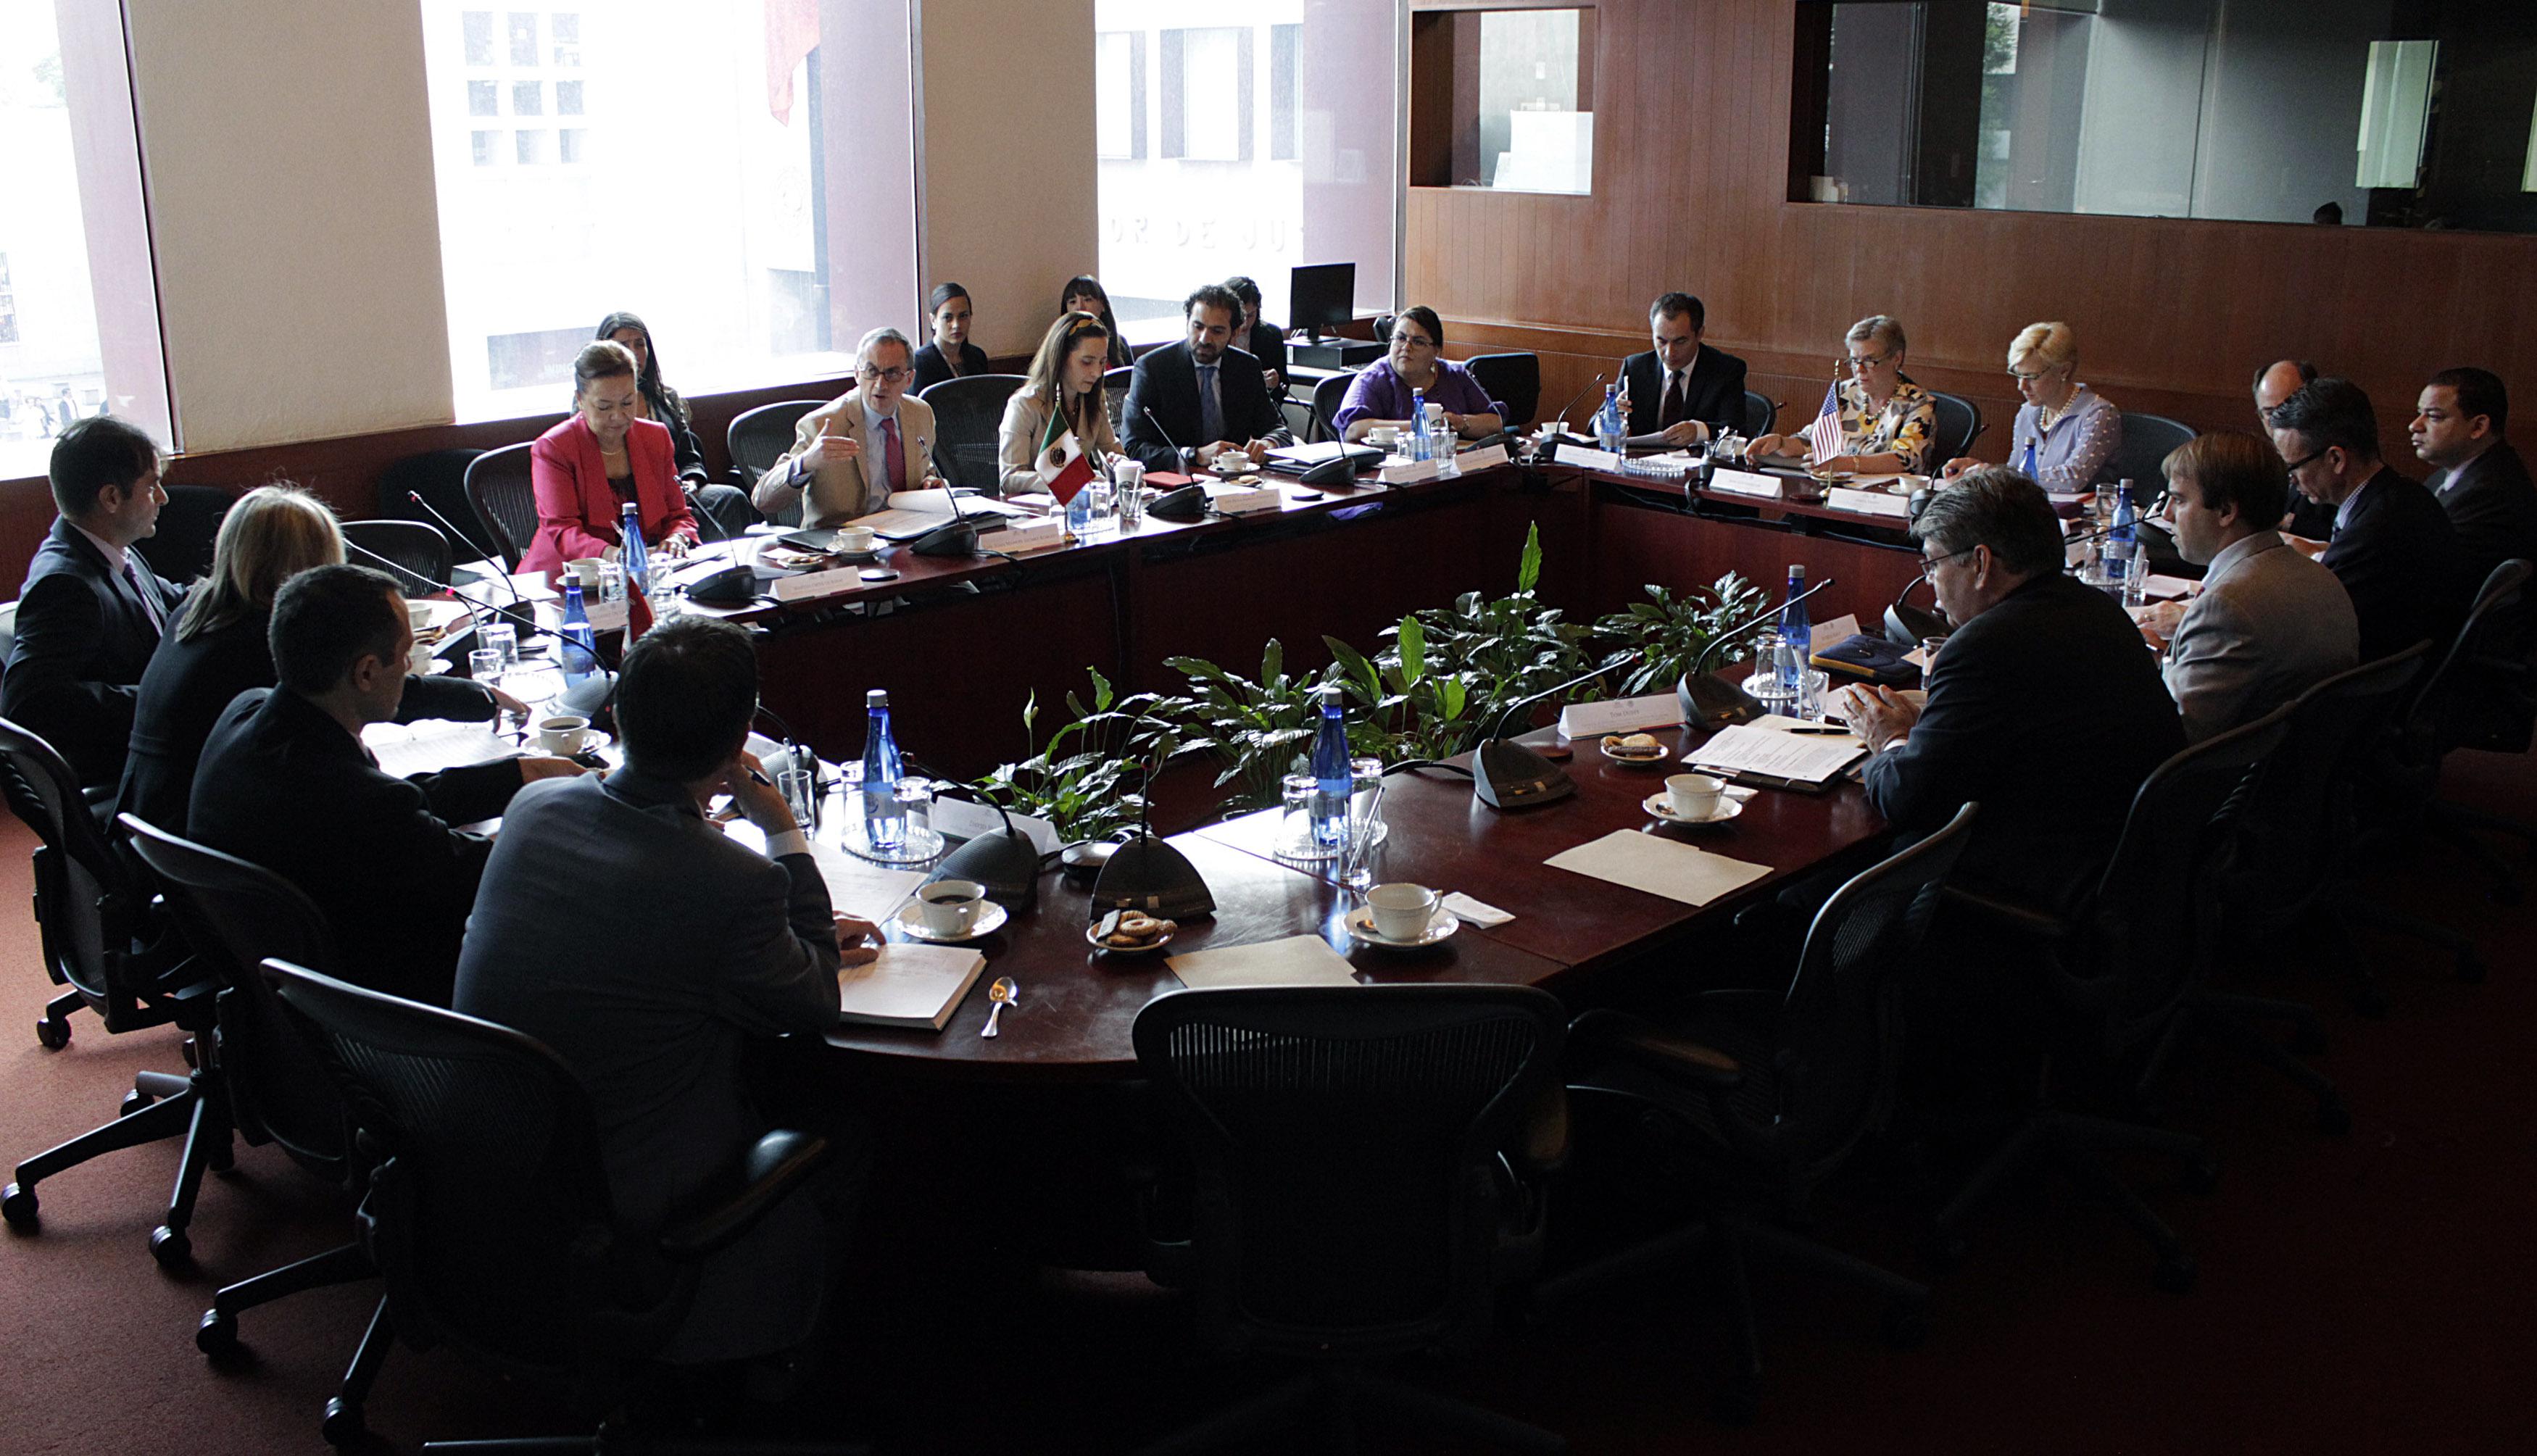 FOTO 2 Concluye consulta trilateral entre M xico  Canad  y Estados Unidosjpg